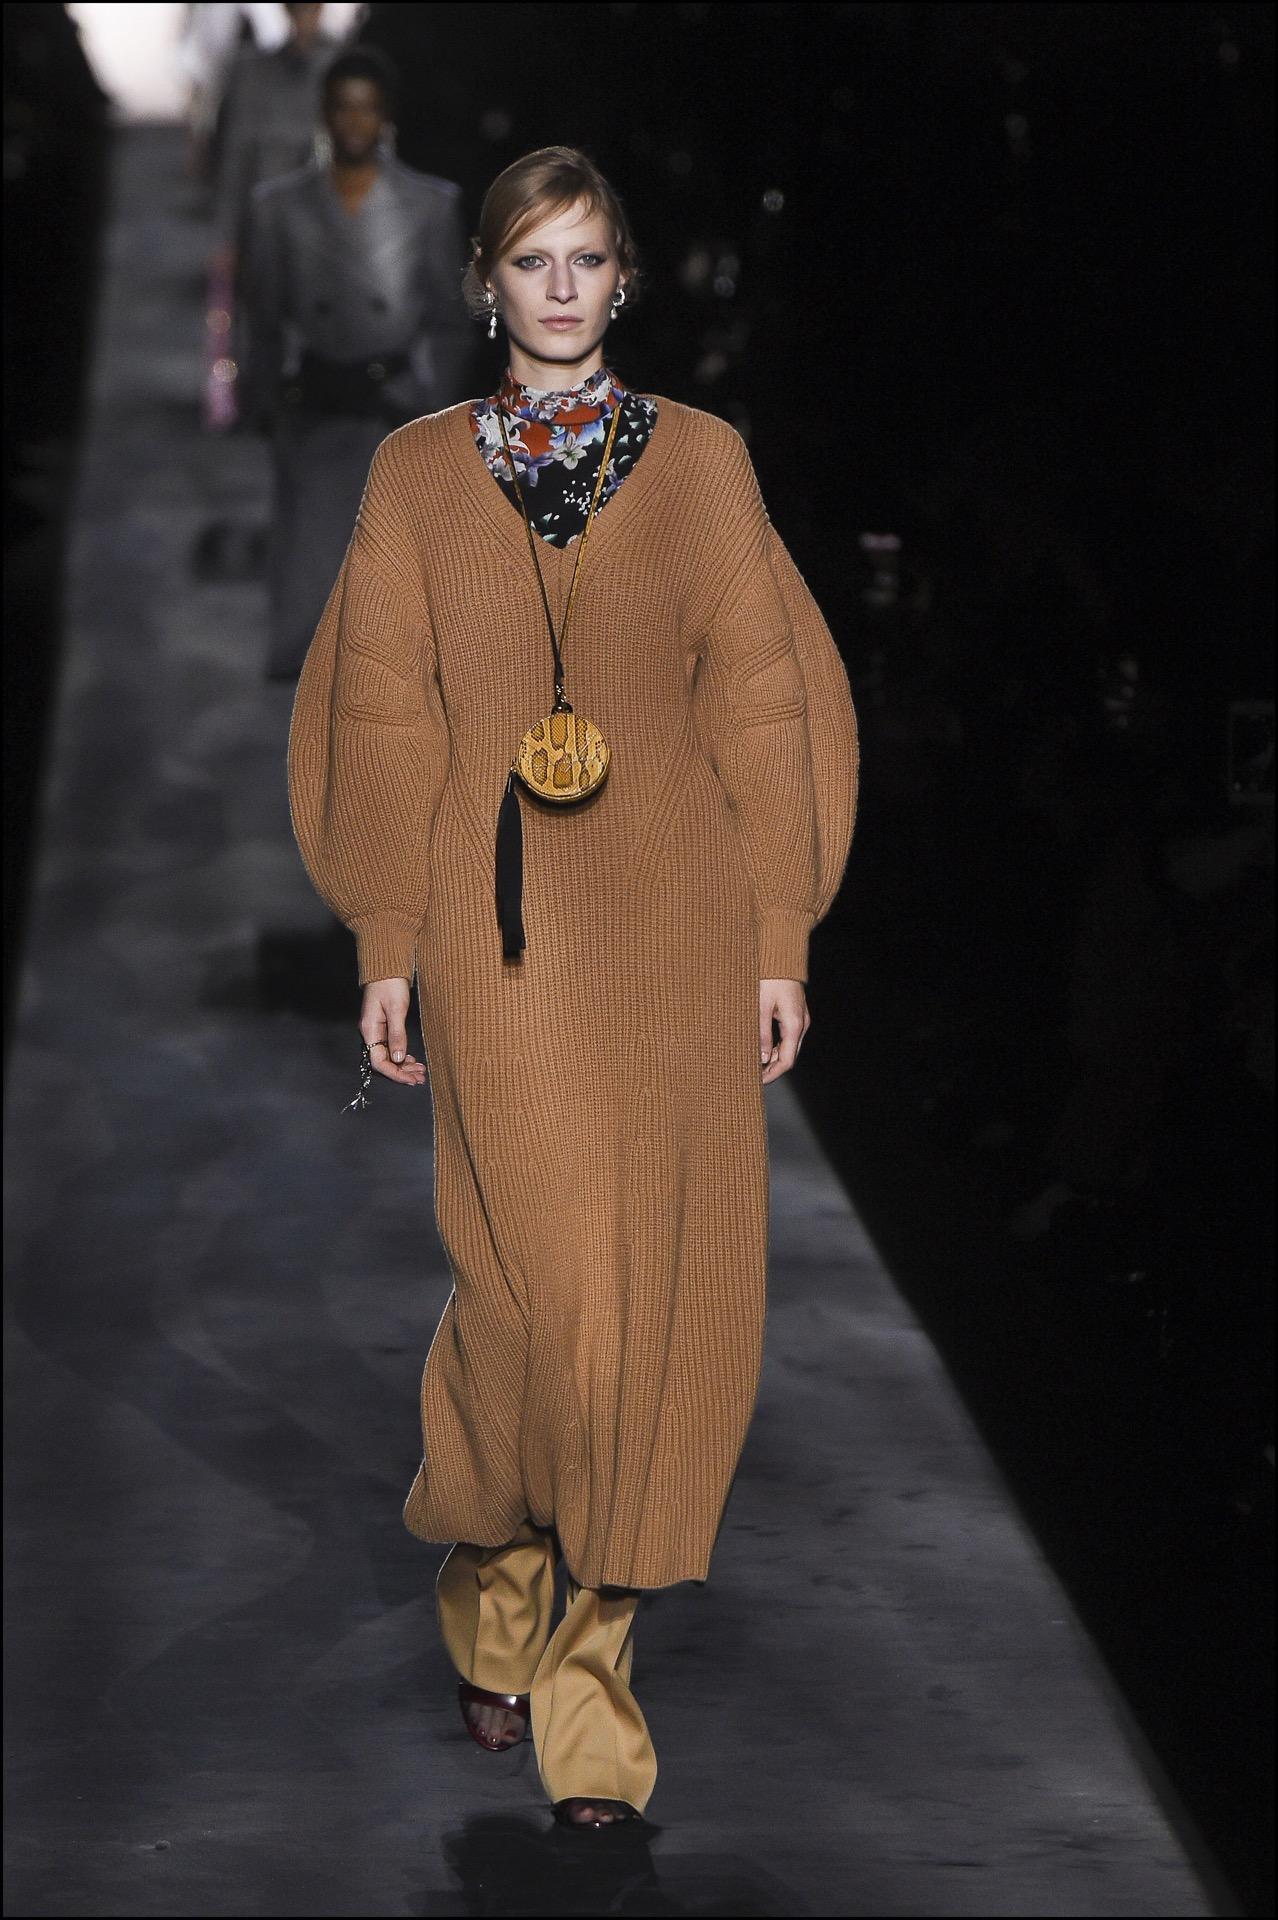 Estampados florales combinados con vestidos de jersey. Originalidad en la pasarela de Givenchy.